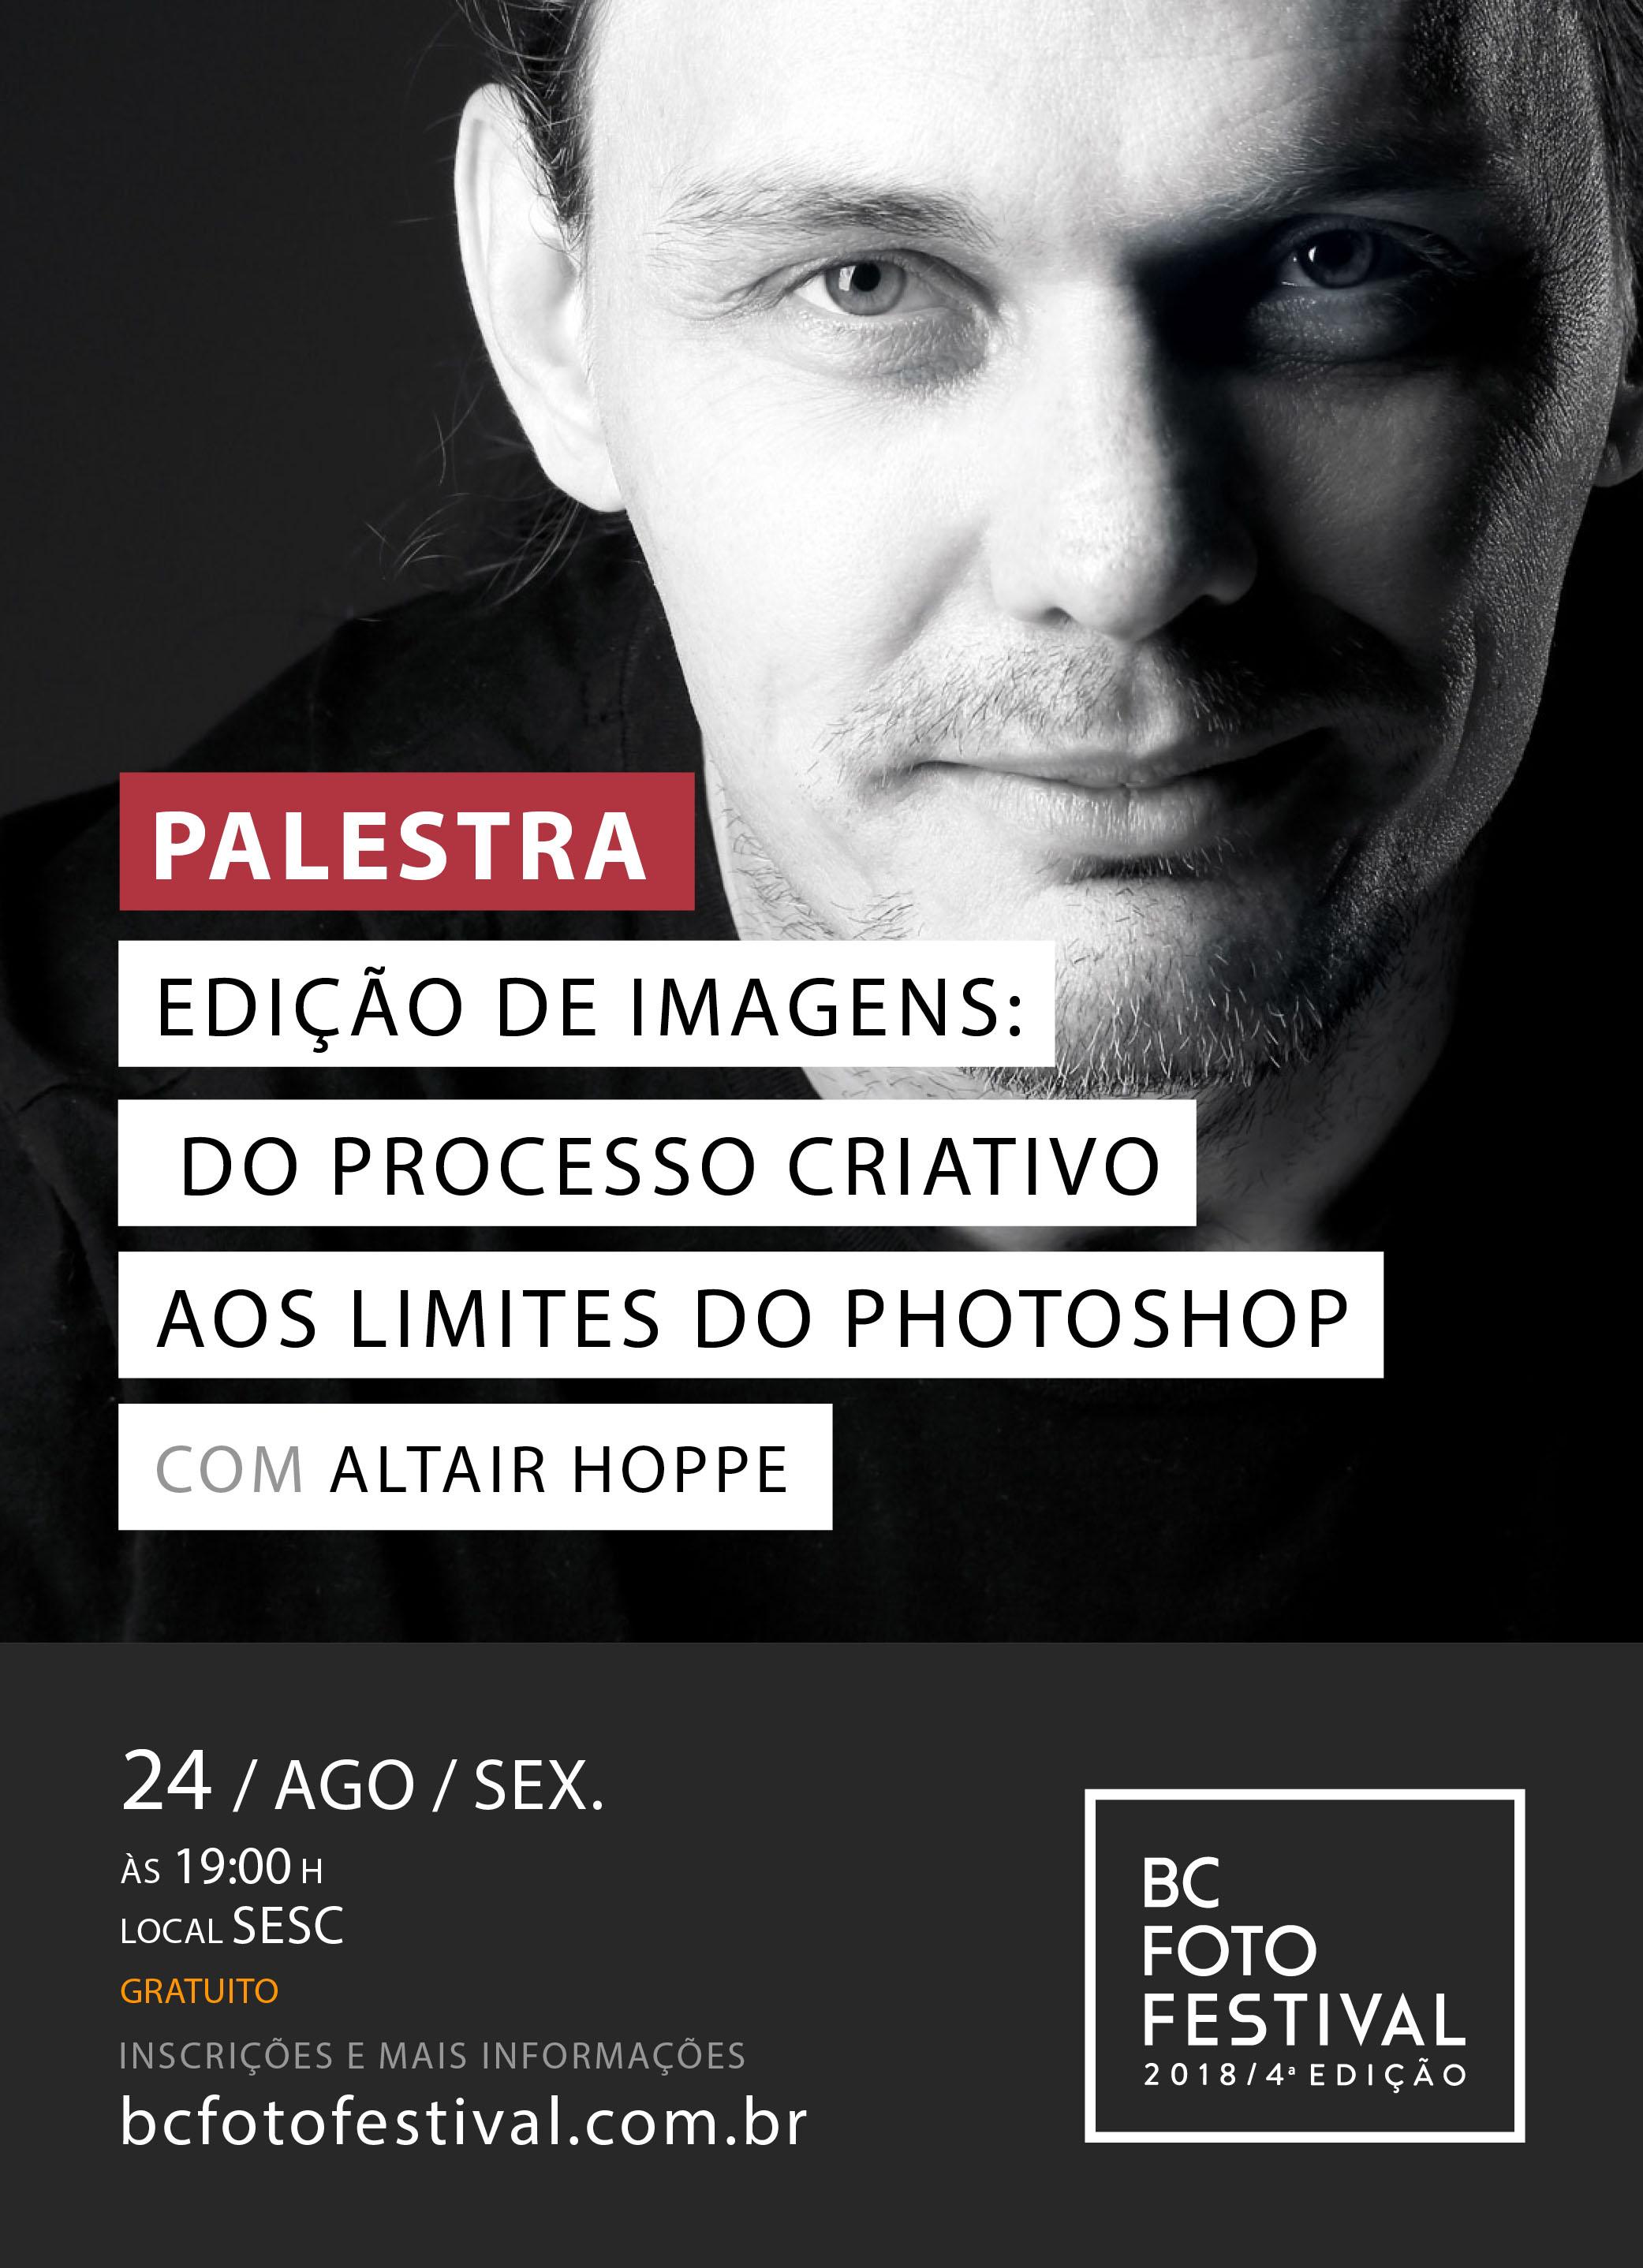 Palestra – Edição de imagens: do processo criativo ao Photoshop